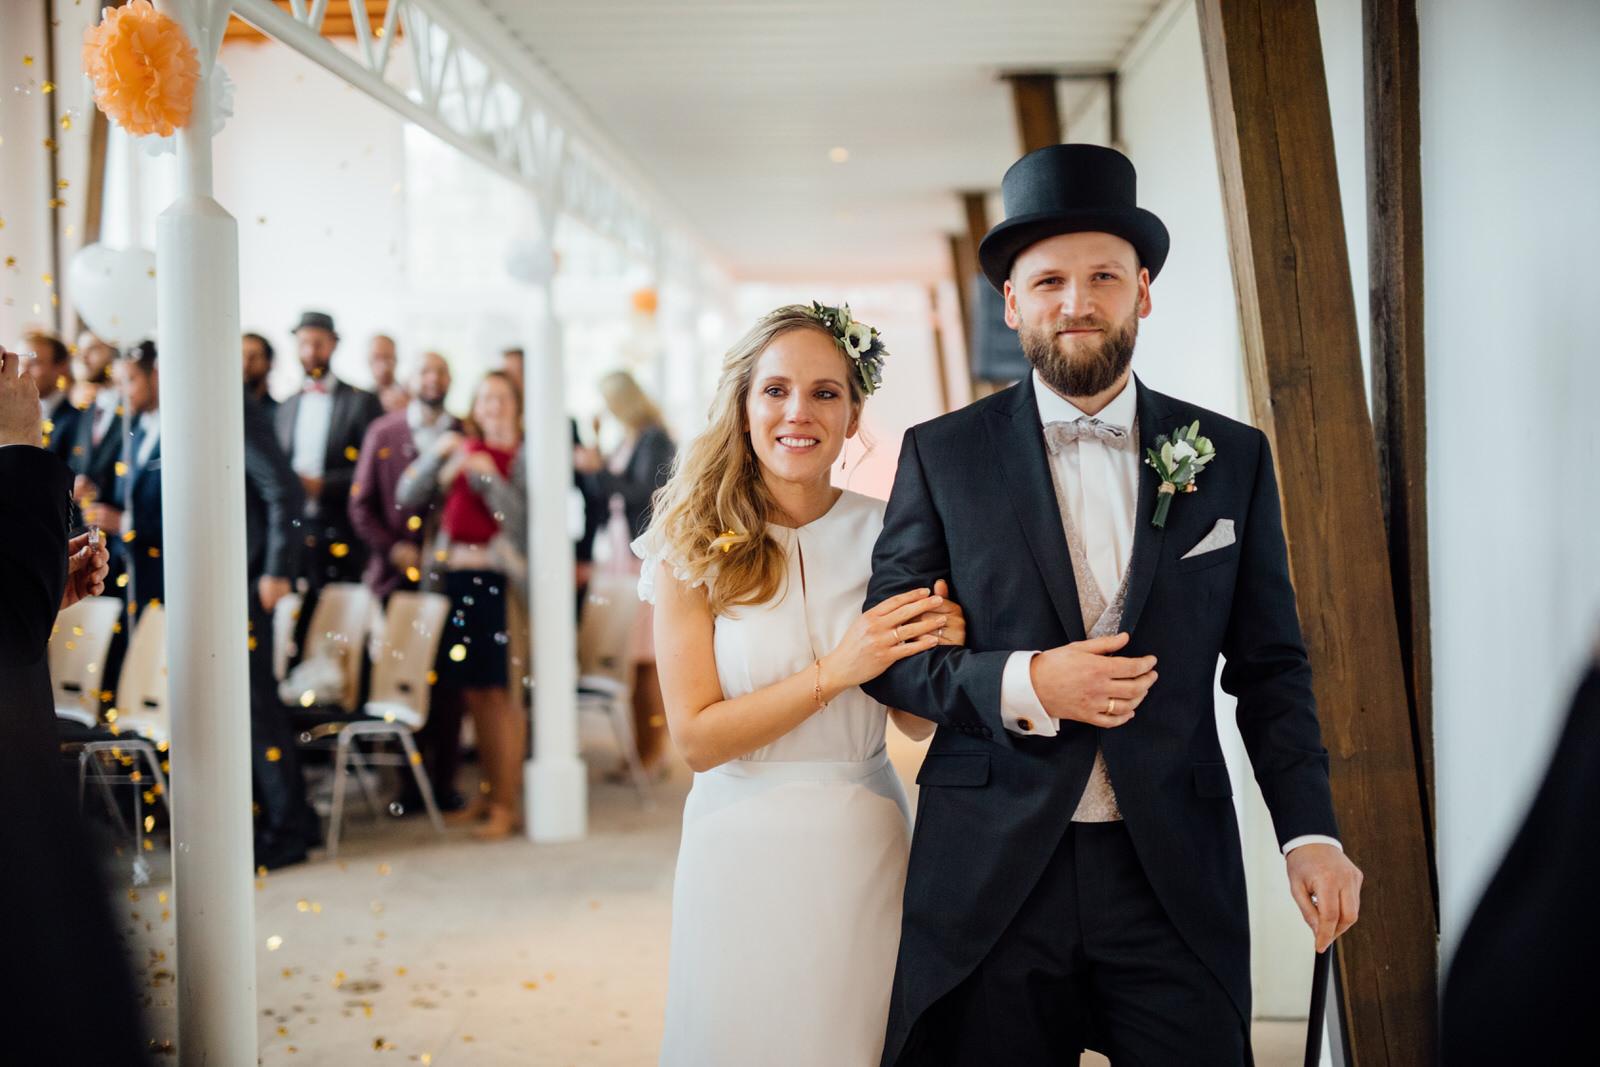 Hochzeitsfotograf_Rödental_Alte_Mühle_Alte_Orangerie_Schloss_Rosenau_100227241.JPG